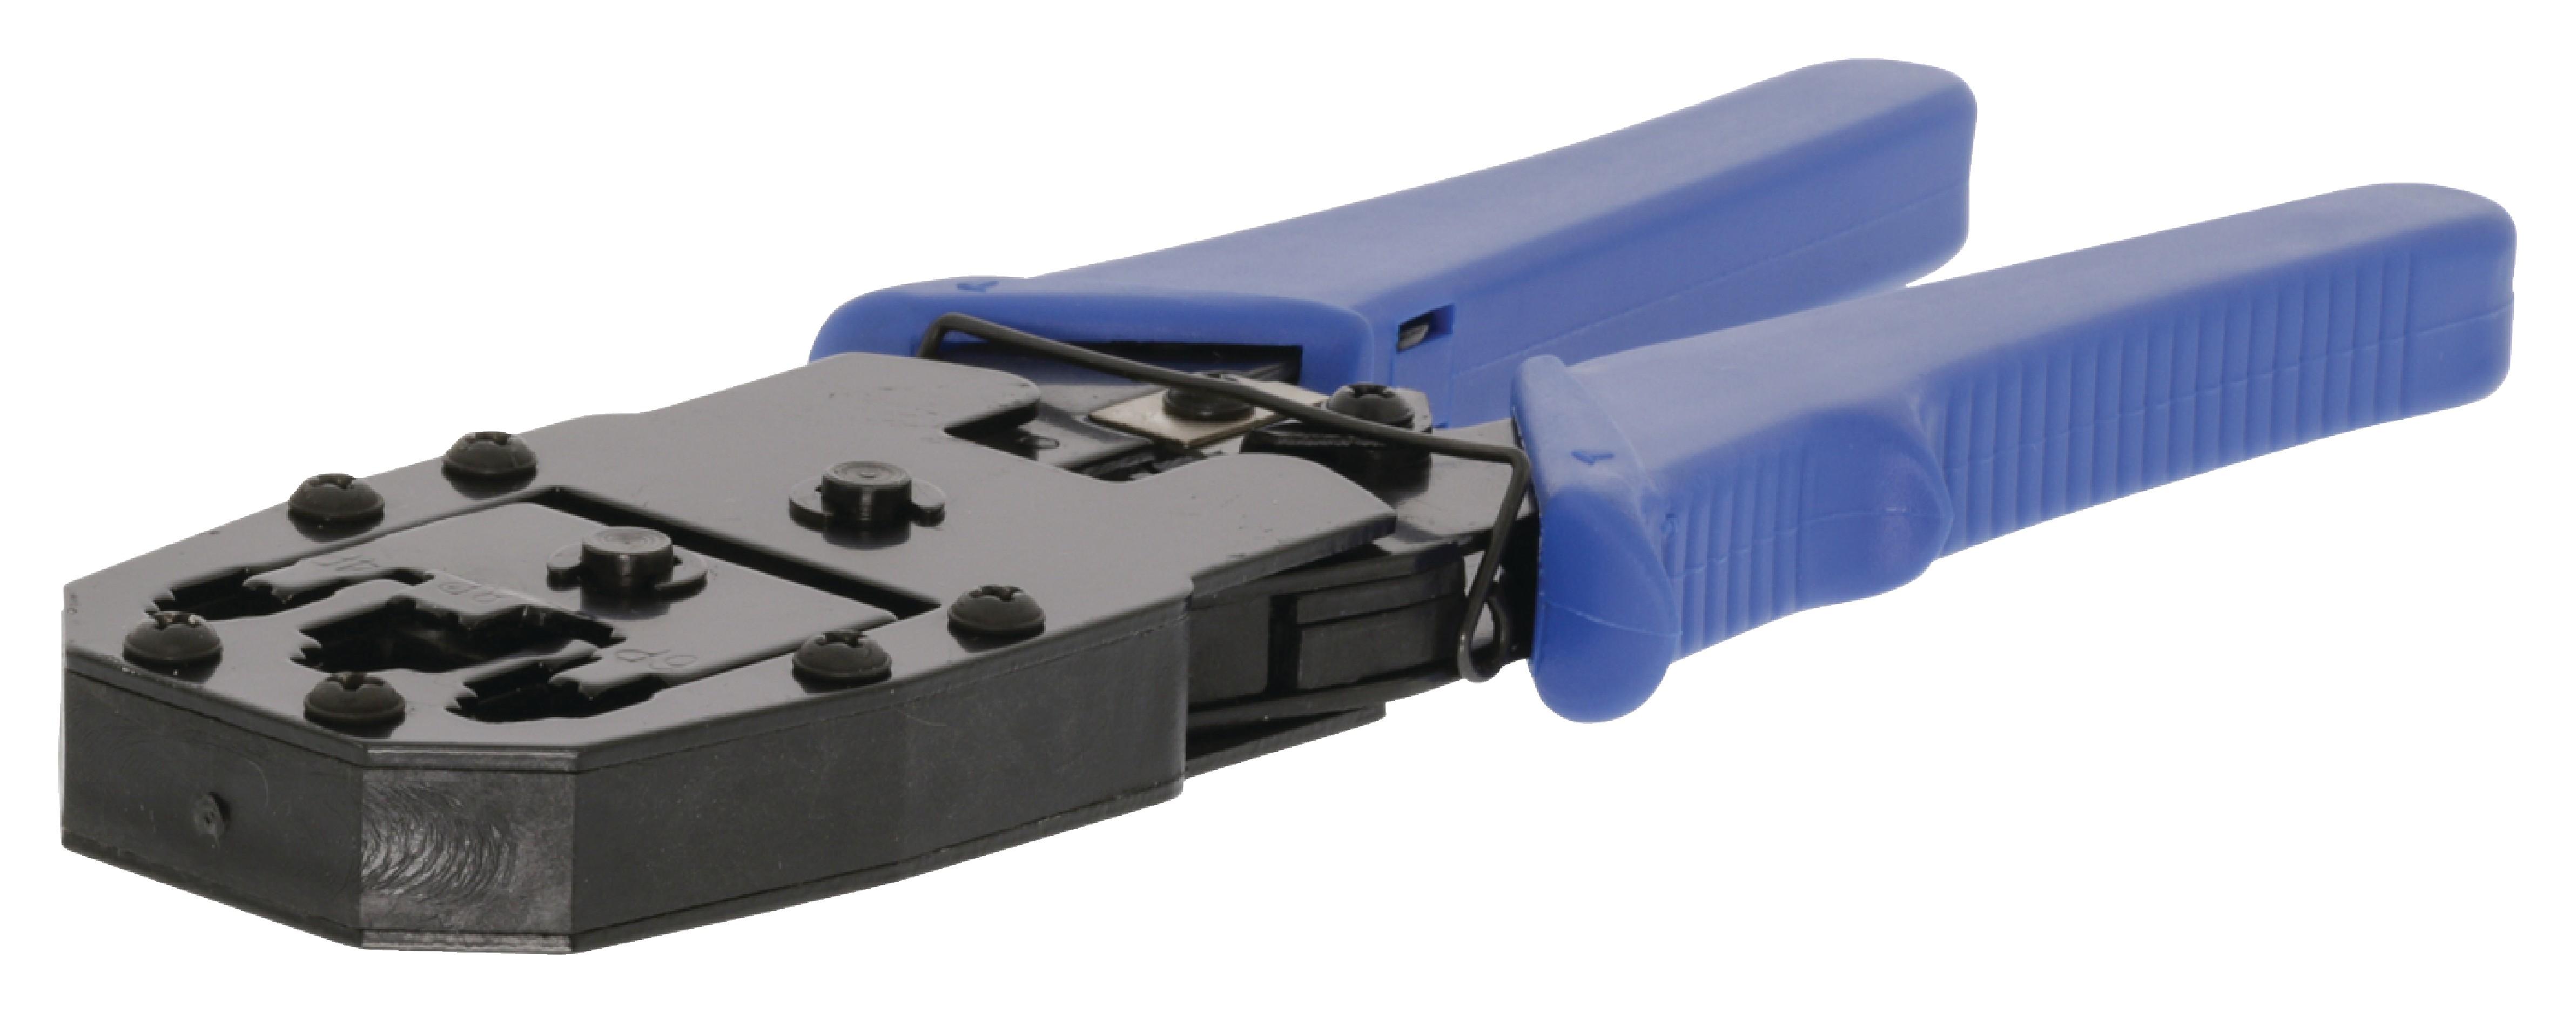 Krimpovací kleště RJ10, RJ11, RJ45 Valueline VLCP89510L